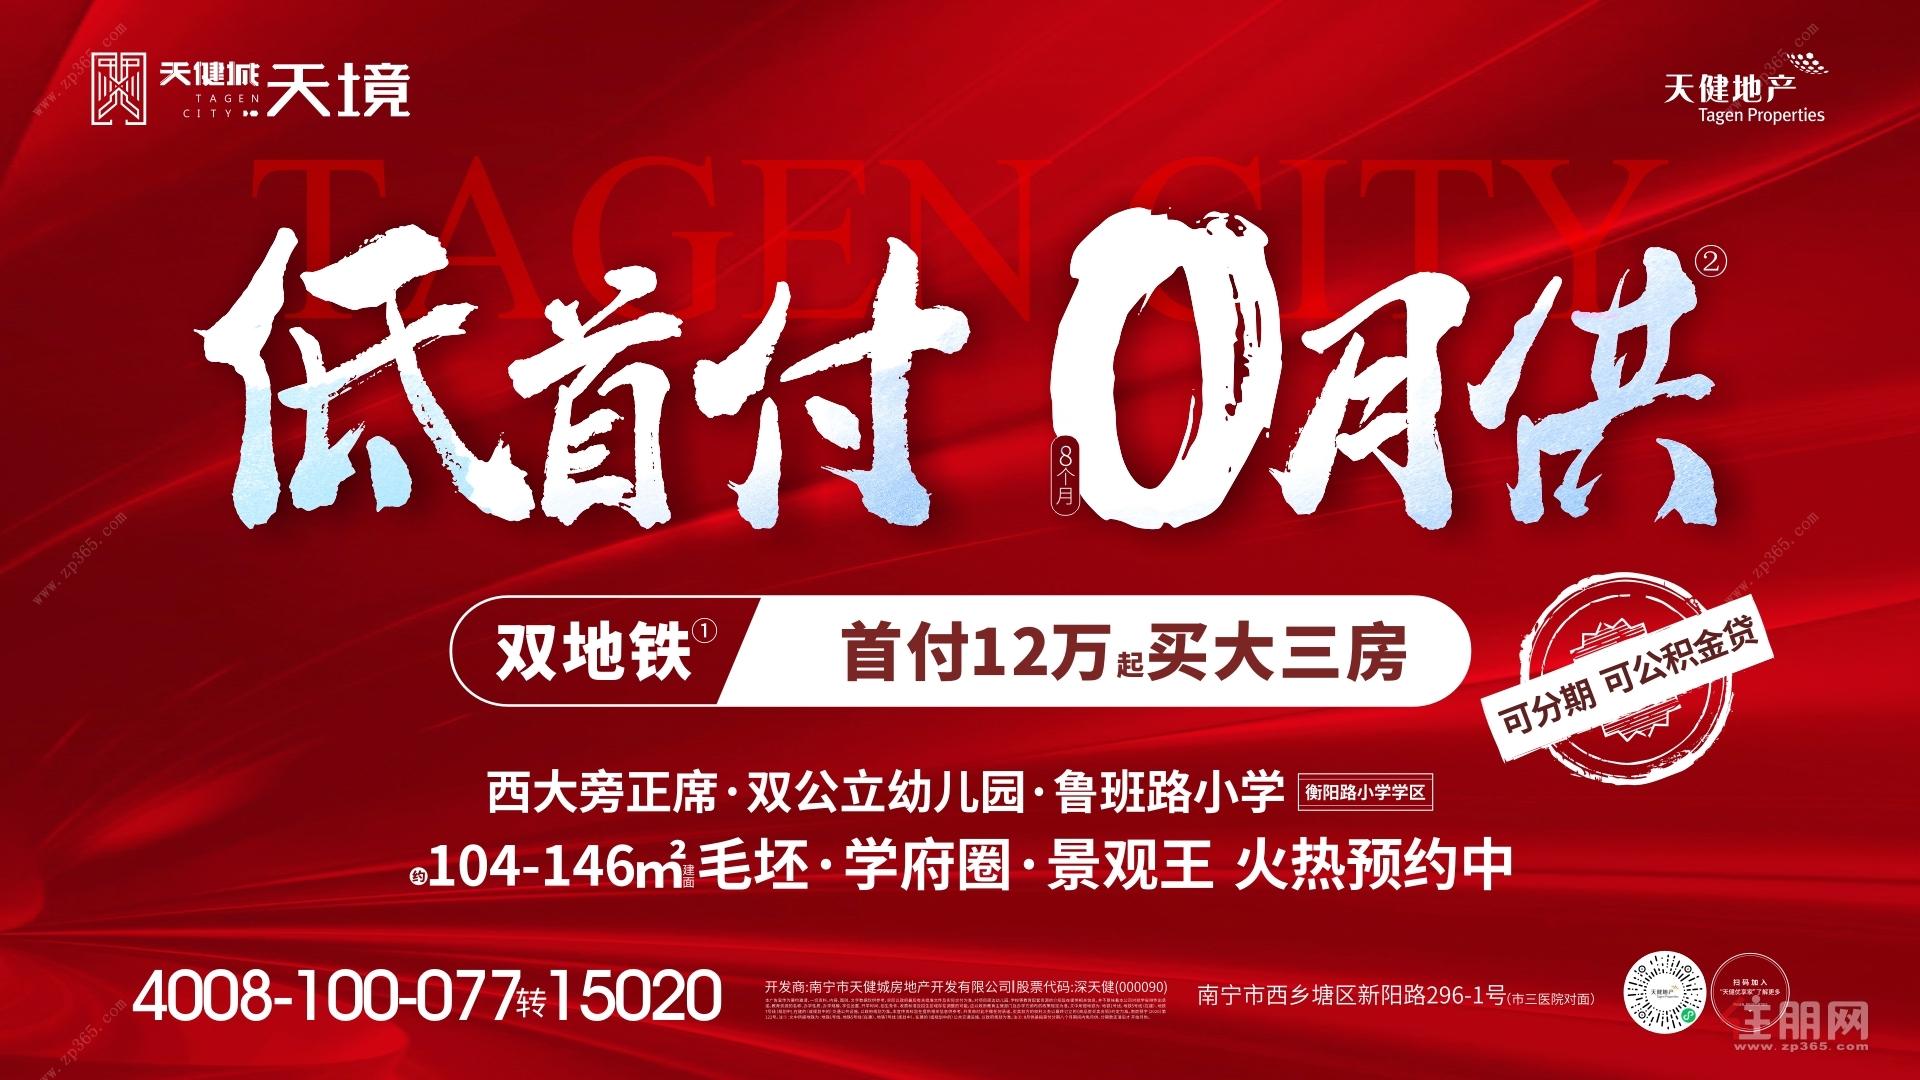 2021年1月14日西乡塘看房团:天健城·天境